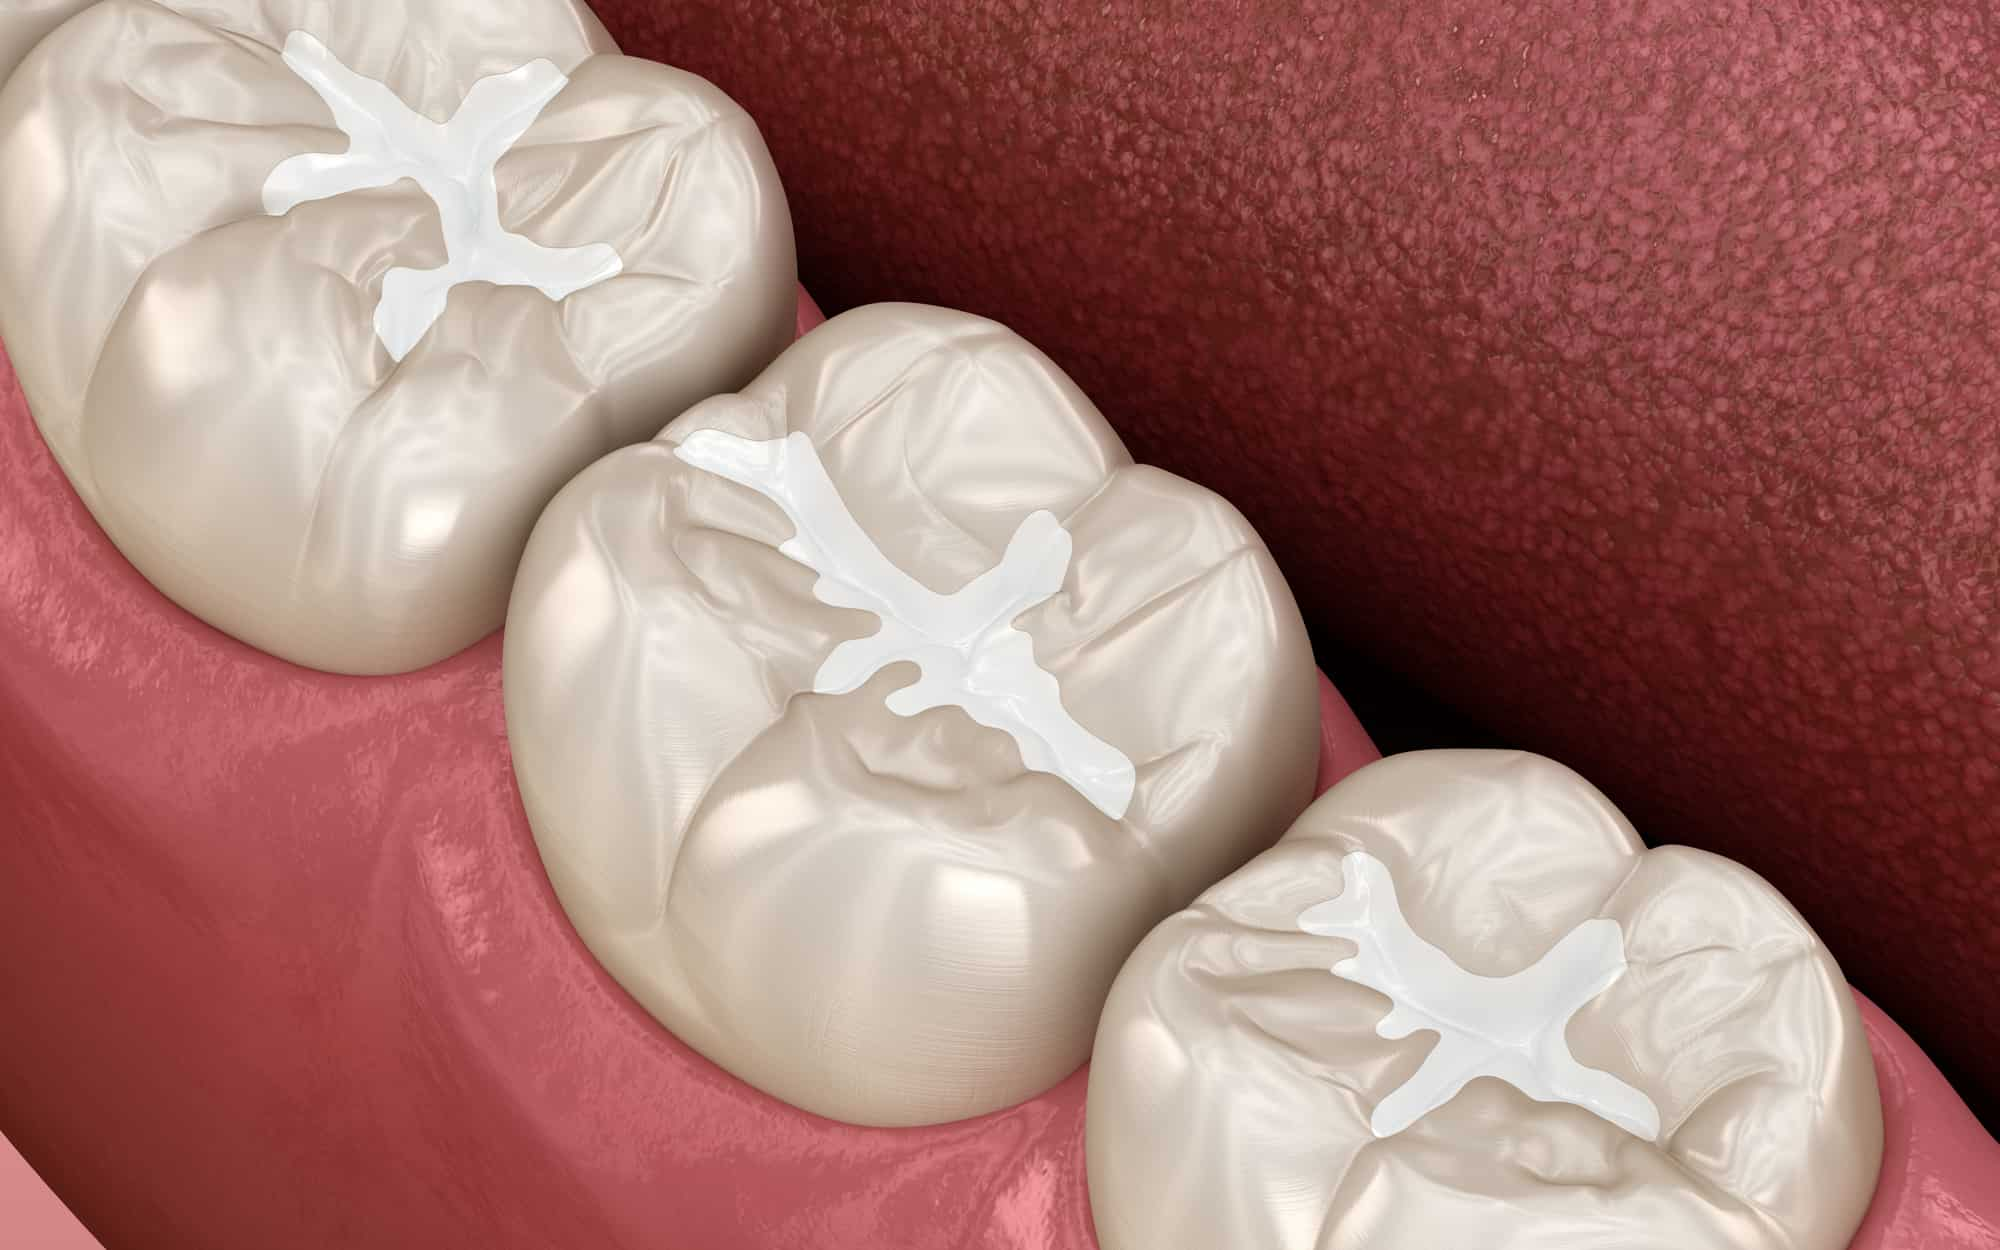 Medizinische 3D-Darstellung einer Fissurenversiegelung